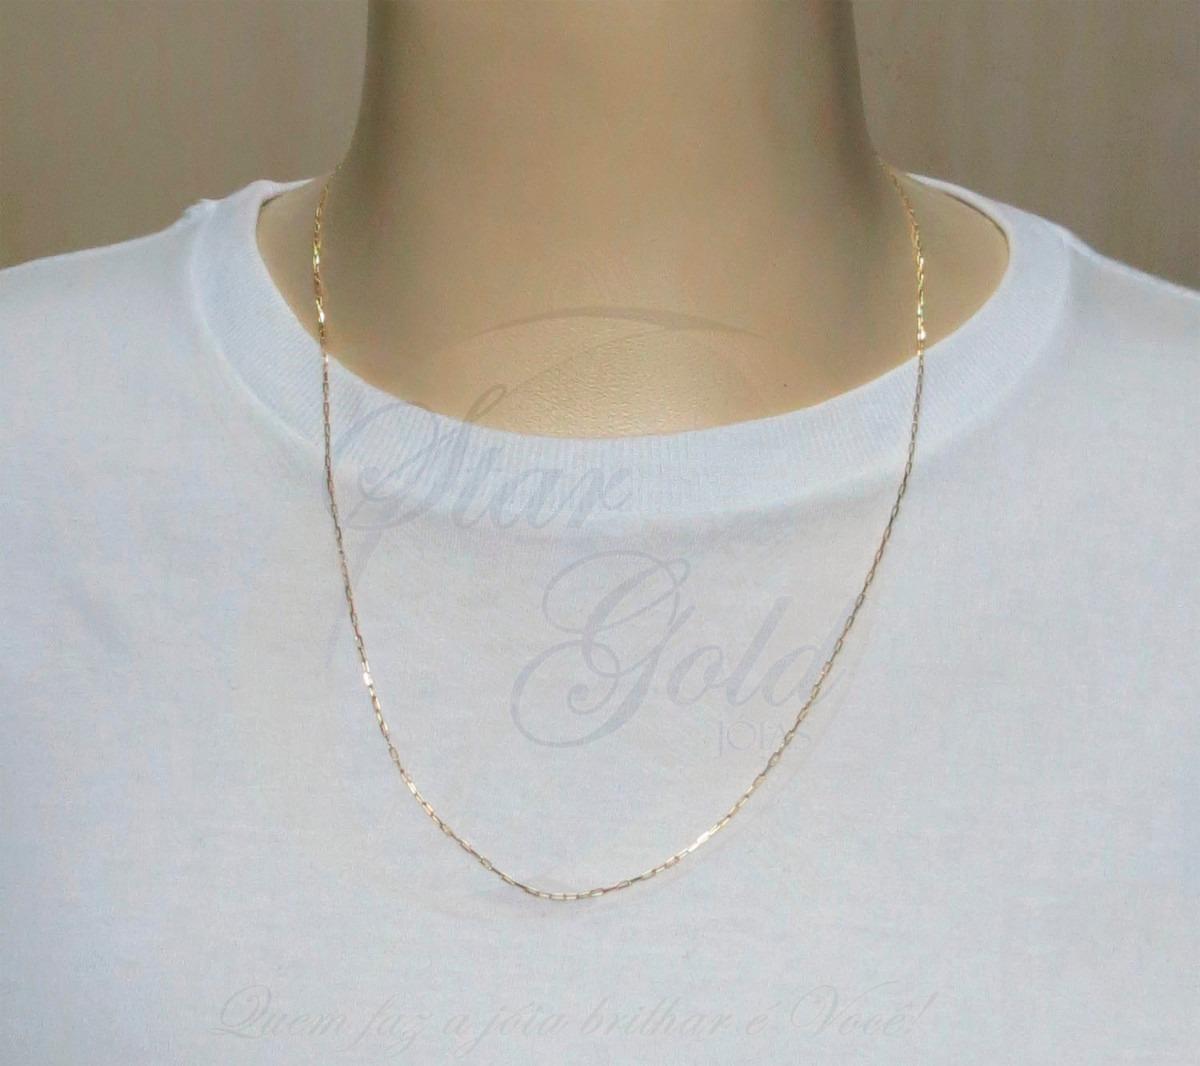 f88529baa41 corrente malha cartier 60cm ouro 18k jóias - · corrente ouro jóias.  Carregando zoom.